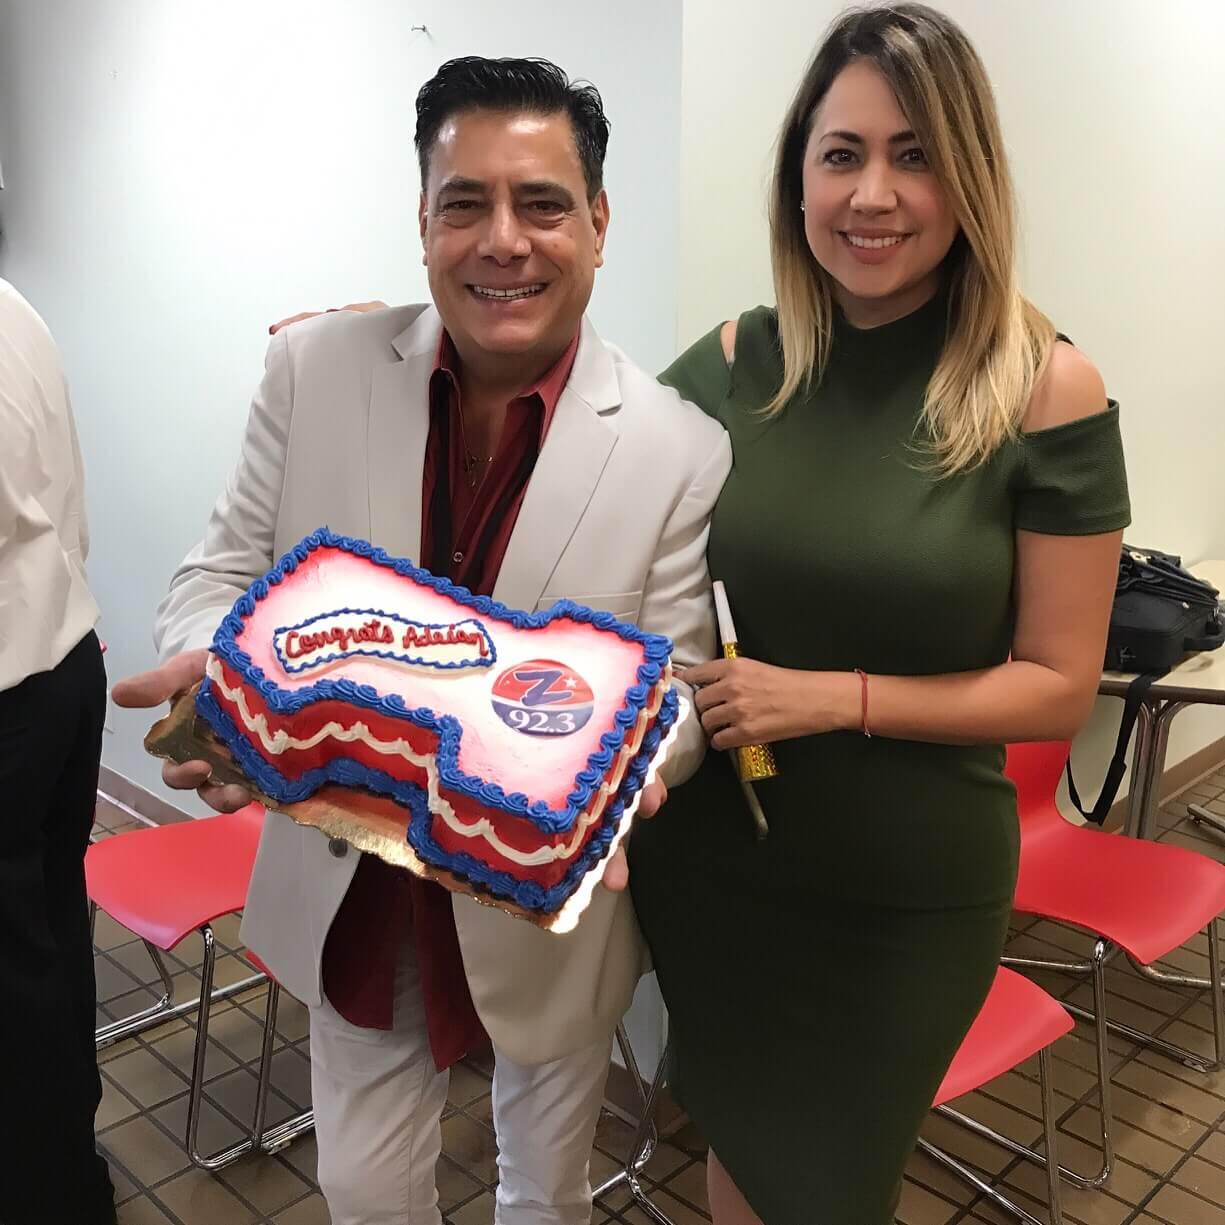 SBS felicita a todo su equipo de Zeta 92.3FM por ser la estación numero 1 hispana en el mercado de Miami